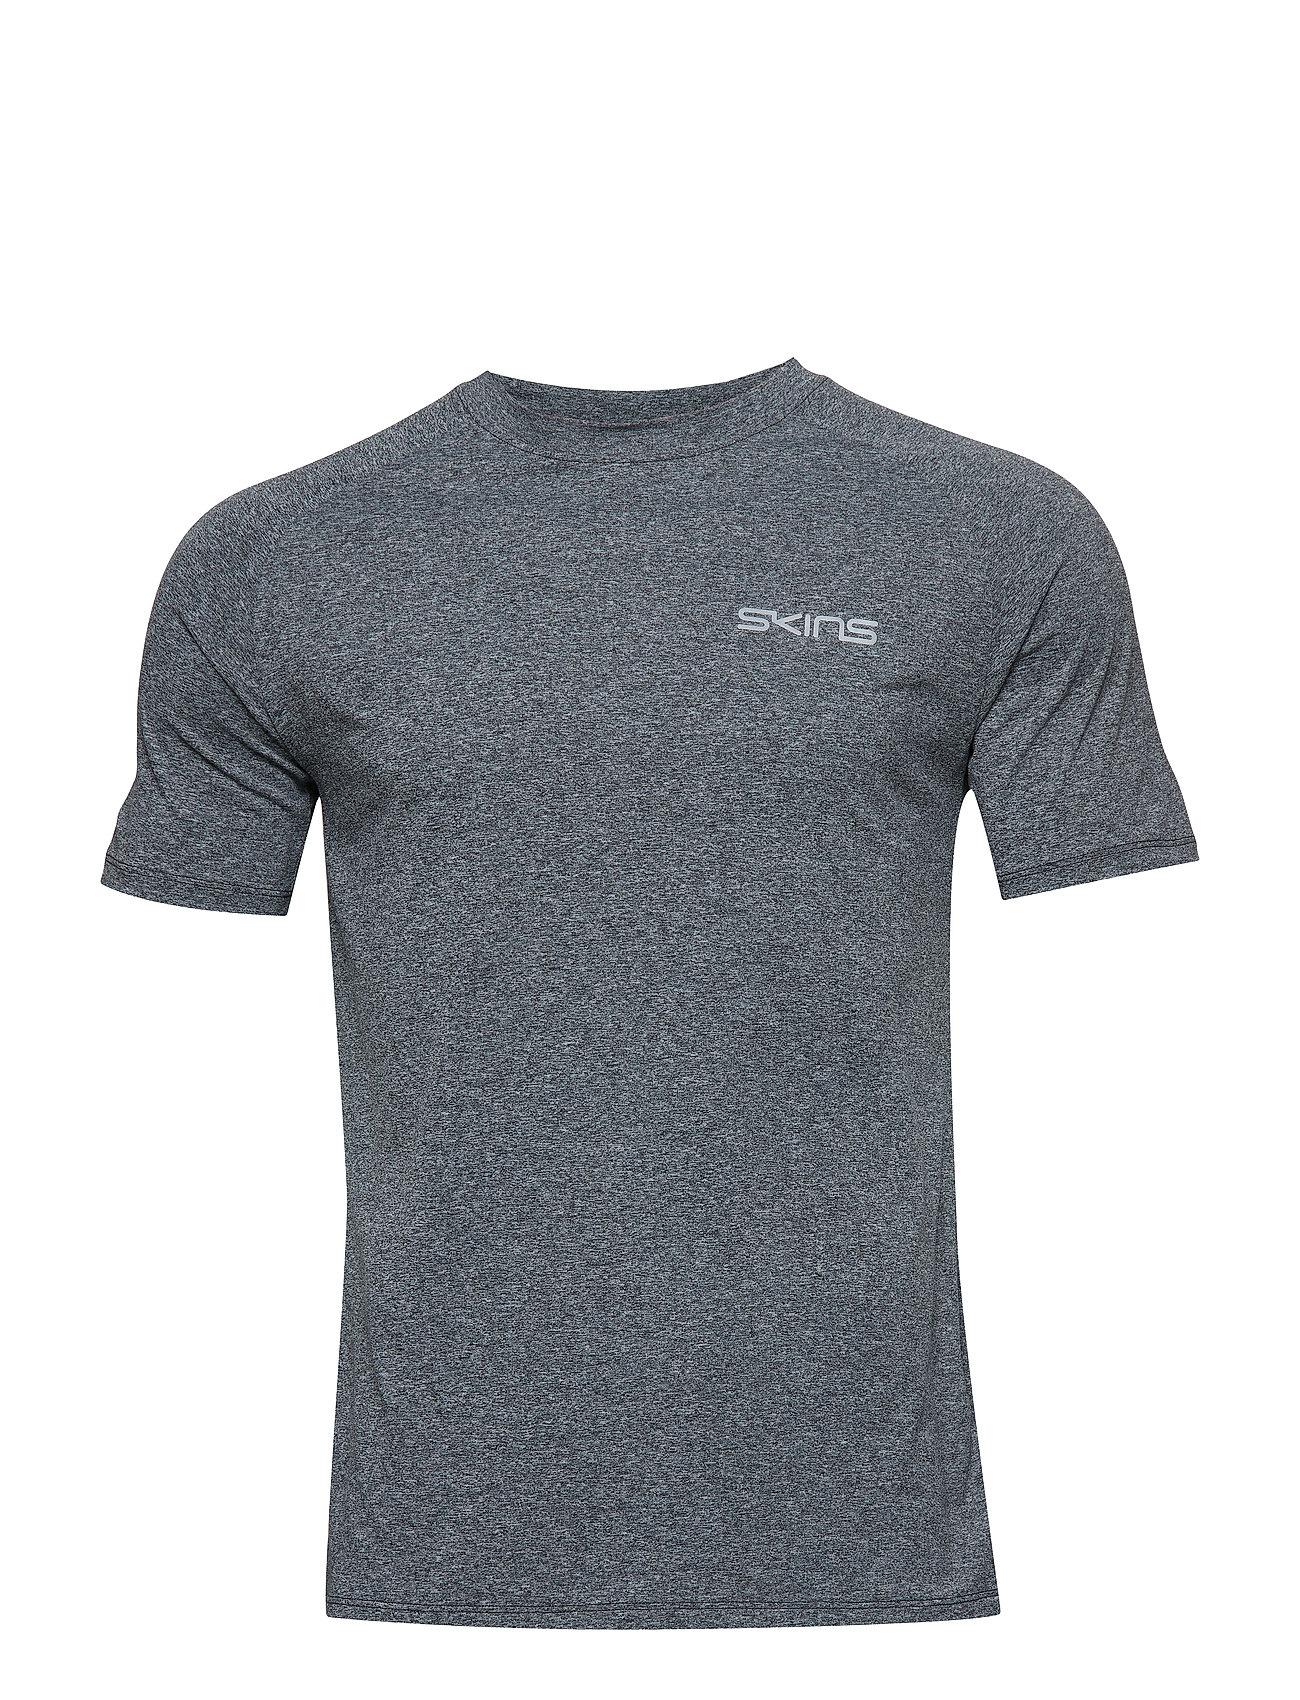 Skins Activewear Bergmar Mens Active Top S/S Round Neck